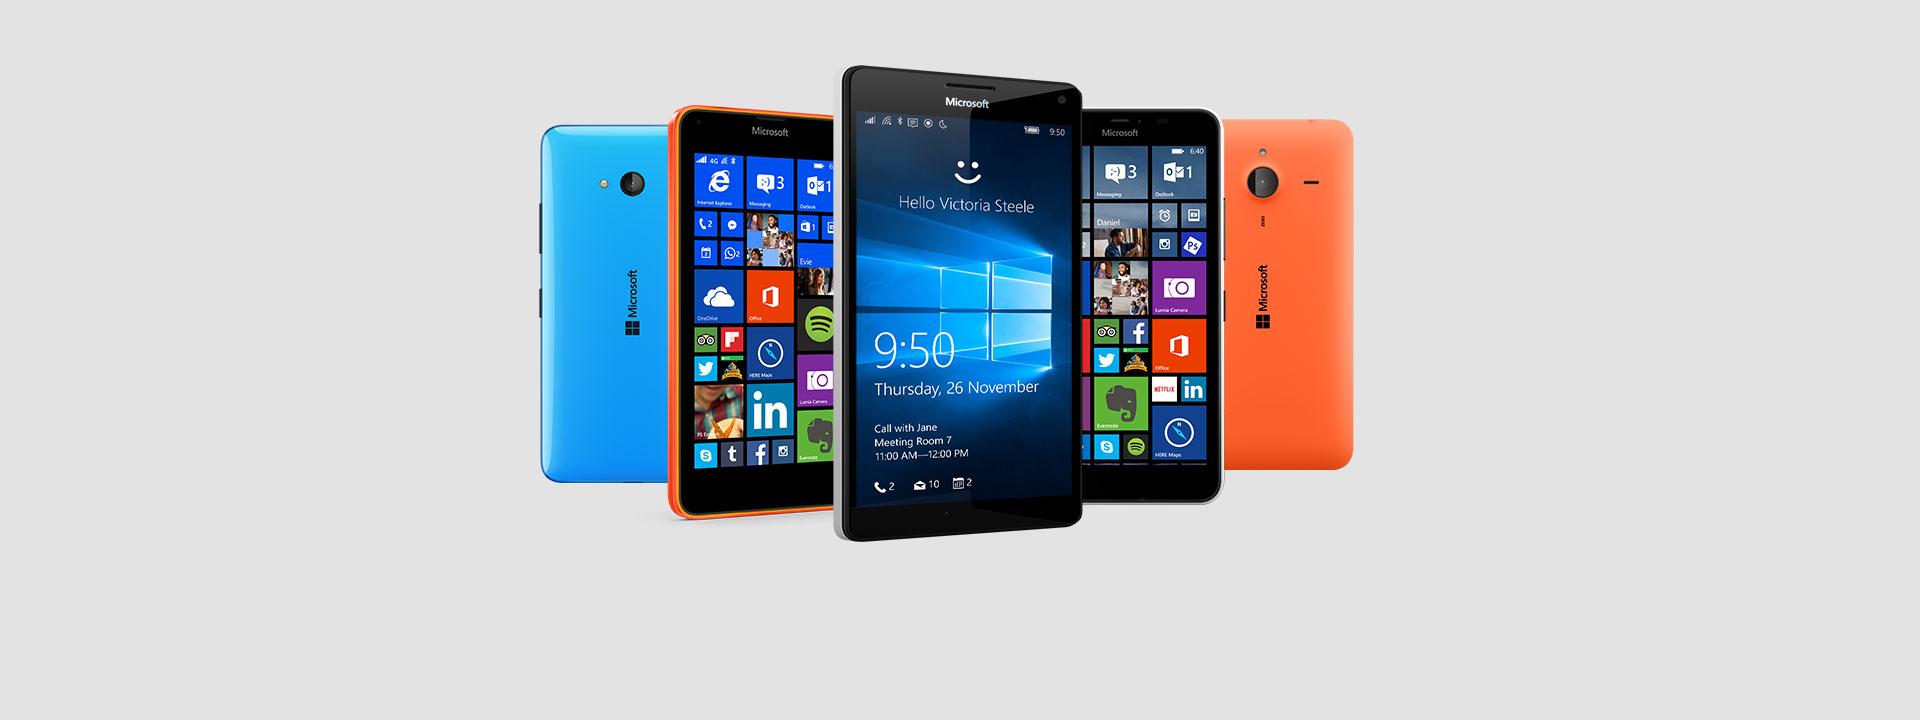 Ponsel Lumia, temukan ponsel yang tepat untuk Anda